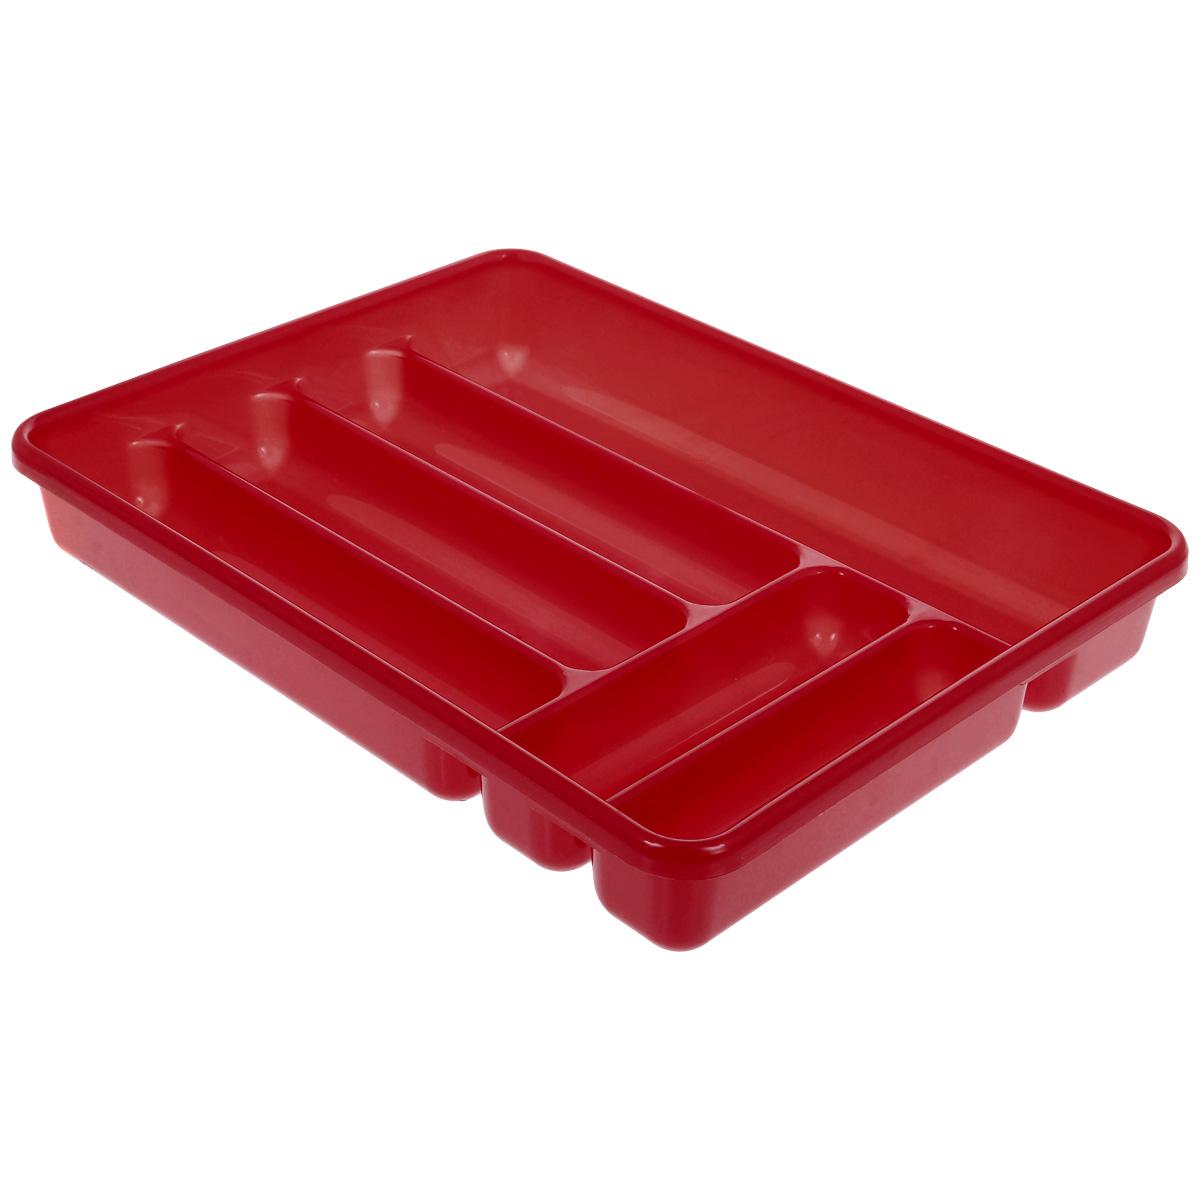 Лоток для столовых приборов Cosmoplast, цвет: красный, 6 отделений2142 красныйЛоток для столовых приборов Cosmoplast изготовлен из высококачественного пищевого пластика. Он предназначен для выдвигающихся ящиков на кухне. Лоток имеет шесть отделений: три отделения для вилок, ложек, ножей, два малых отделения для чайных ложек и десертных вилок, одно большое отделение для остальных приборов.Размер большого отделения: 38,5 см х 8 см.Размер средних отделений: 27 см х 6,5 см.Размер маленьких отделений: 20 см х 5 см.